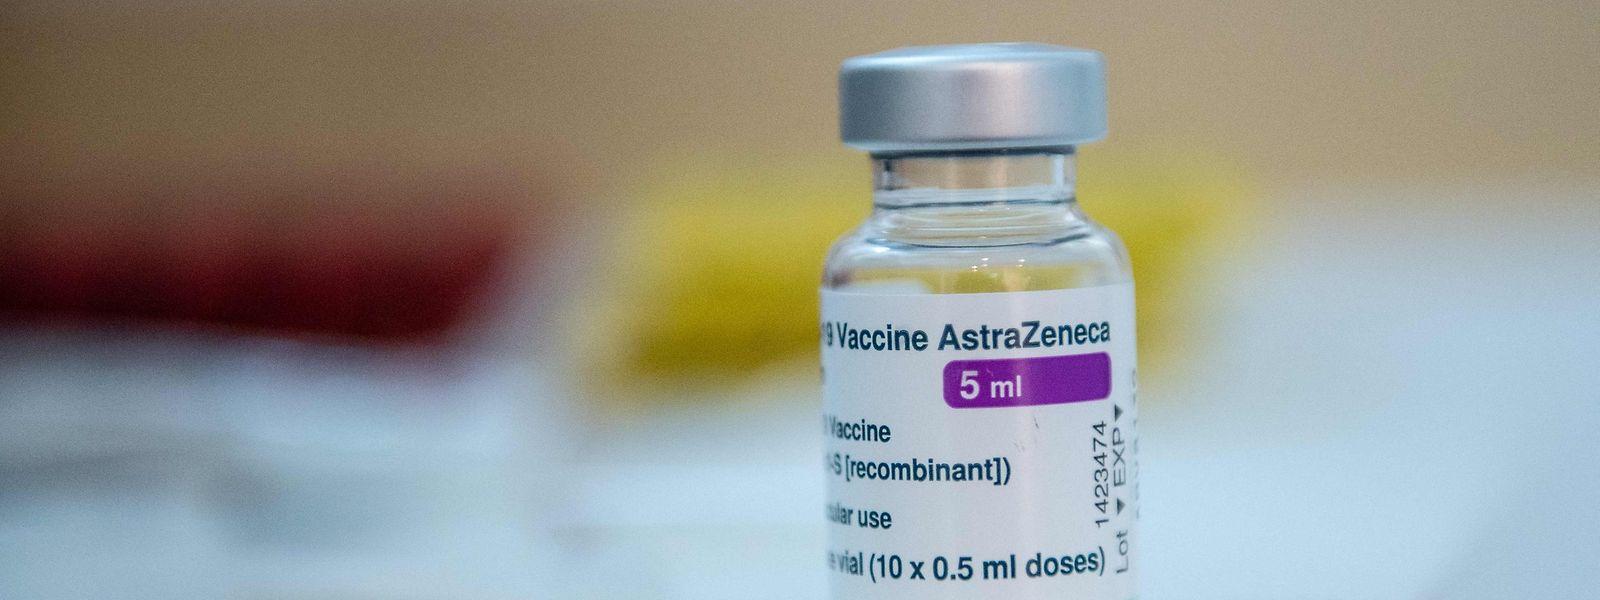 Personen, die bereits eine erste Impfdosis mit dem Wirkstoff erhalten haben, sollen weiterhin unabhängig von ihrem Alter damit auch ihre zweite bekommen.